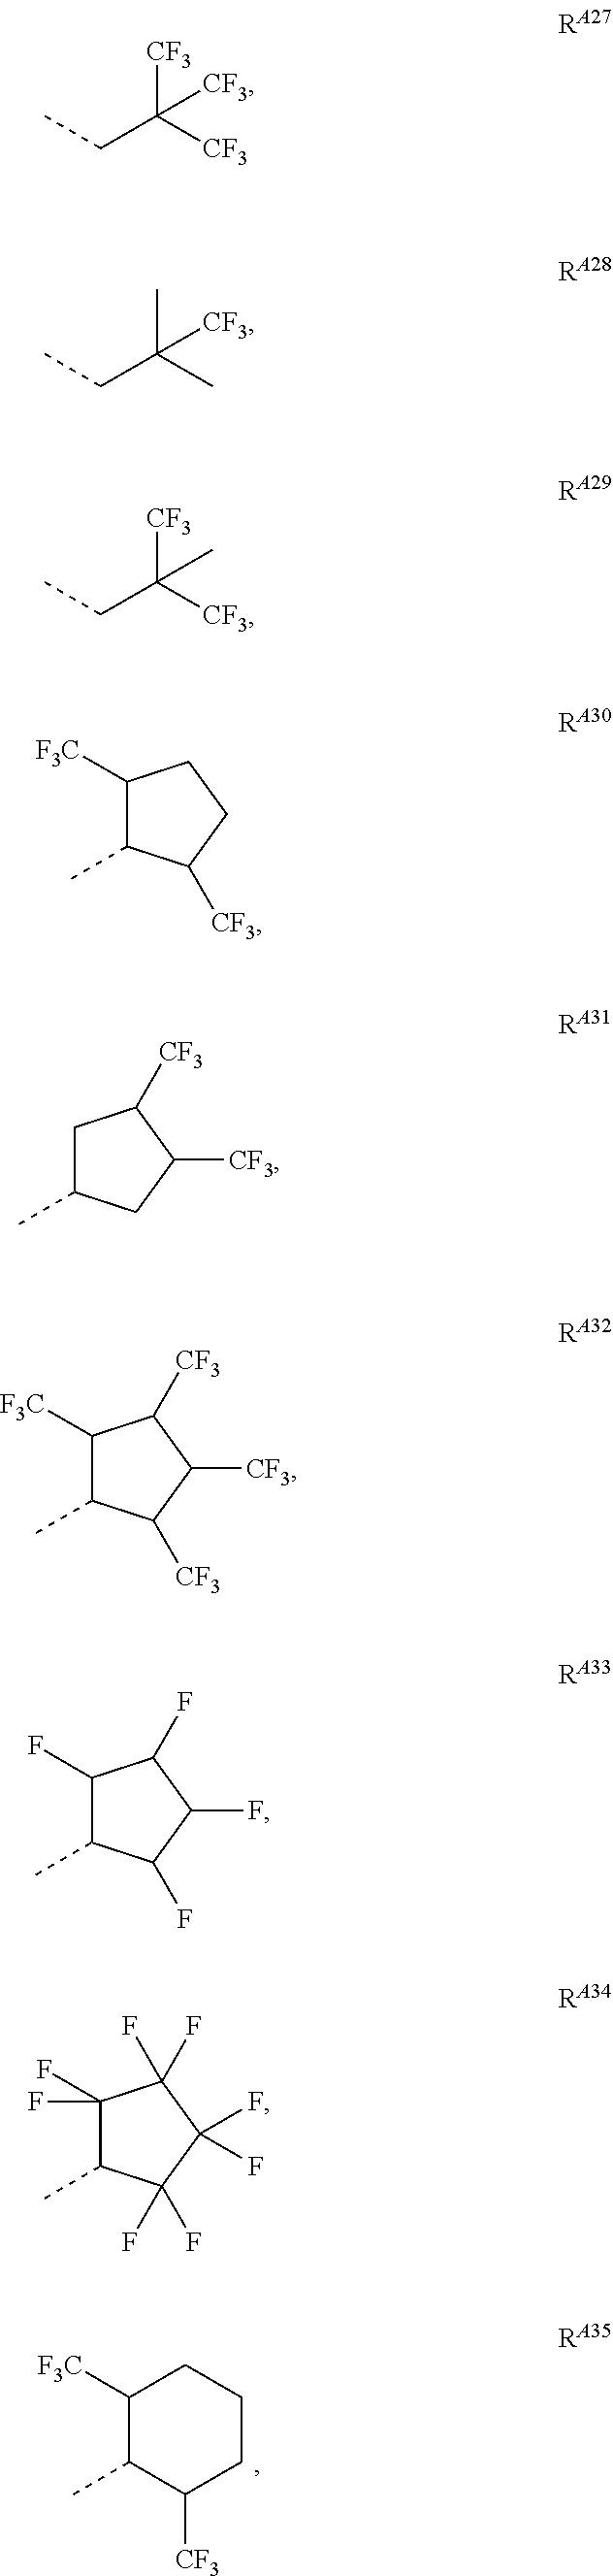 Figure US09711730-20170718-C00249